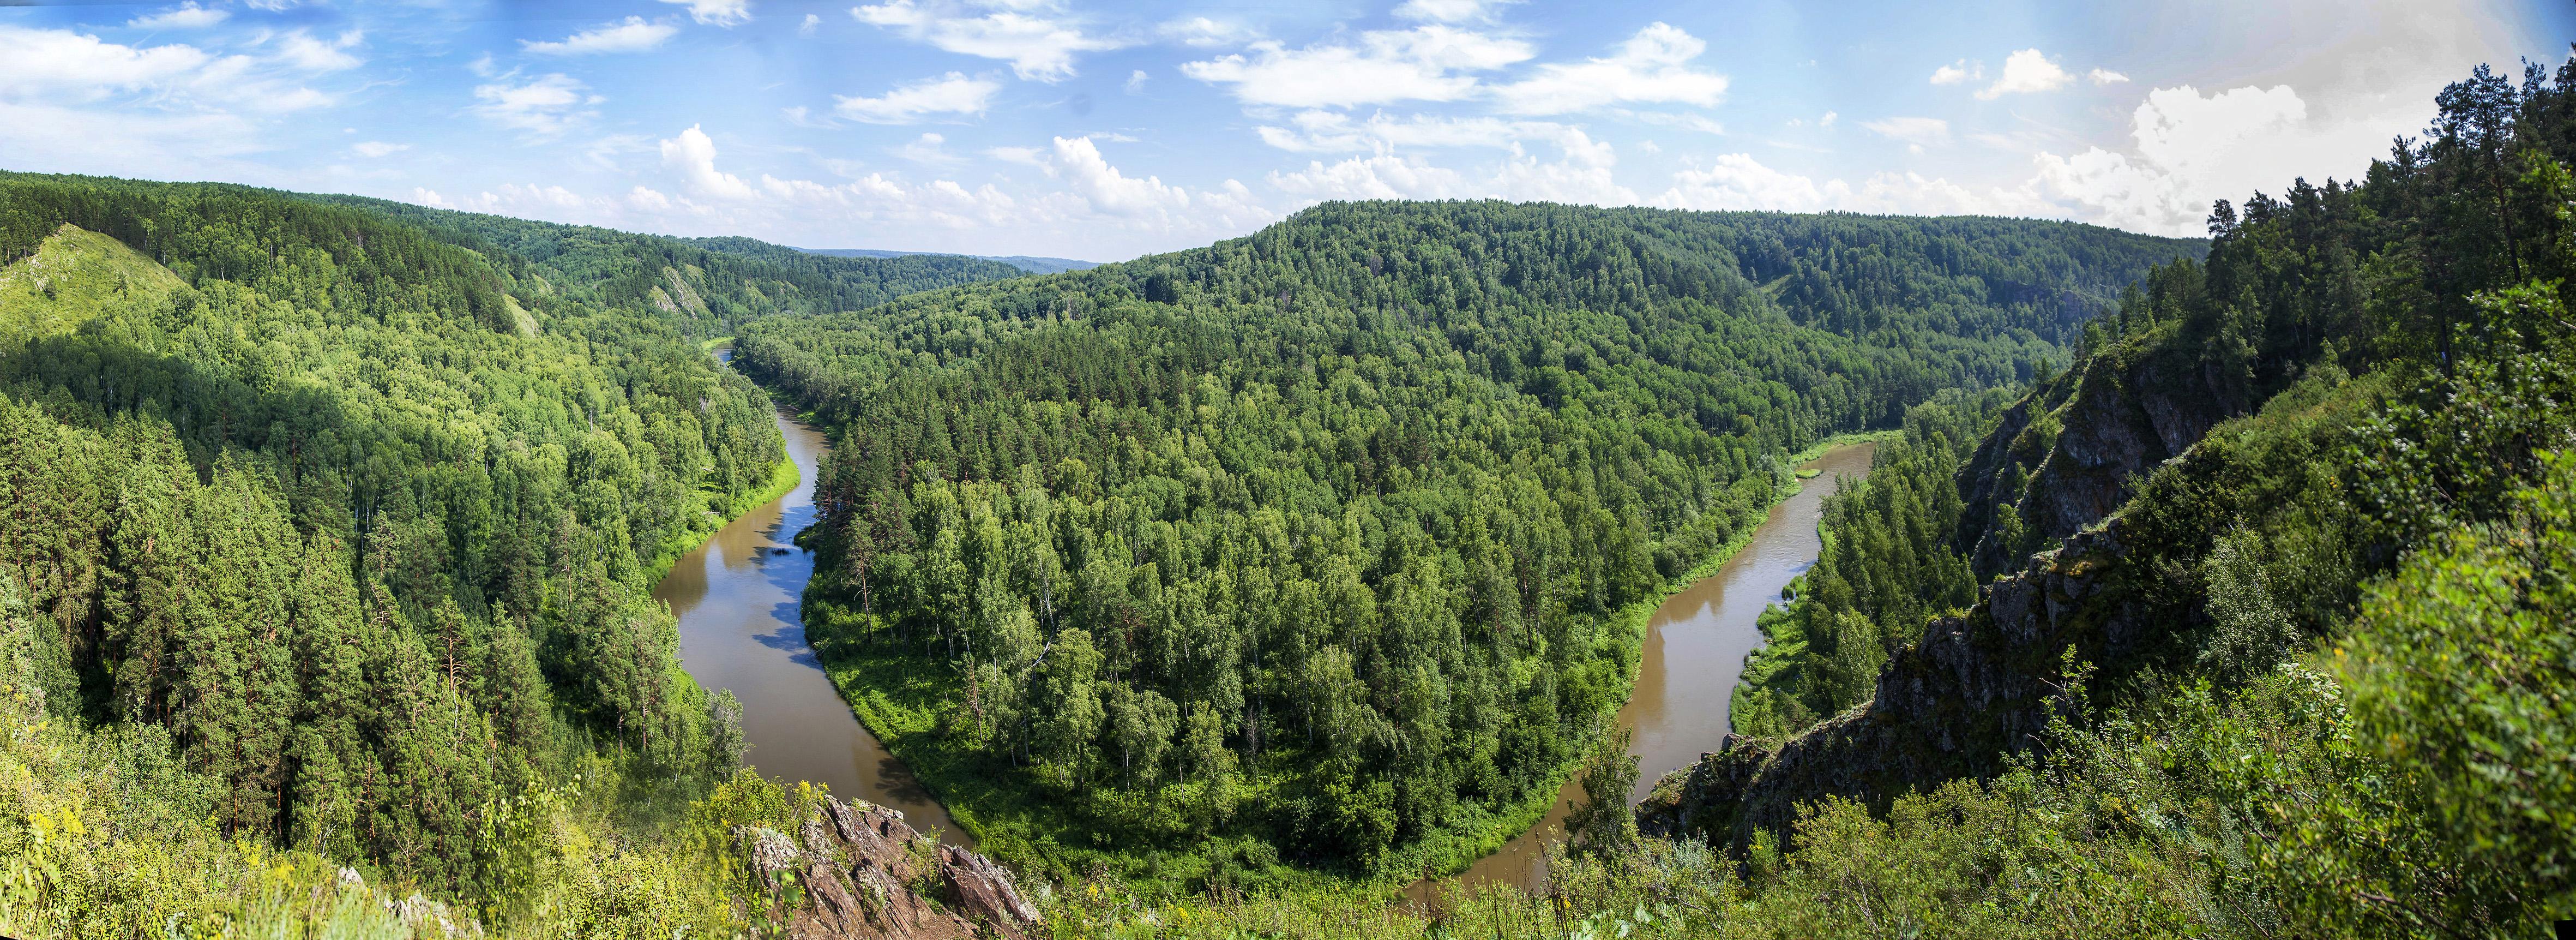 Излучина реки Бердь